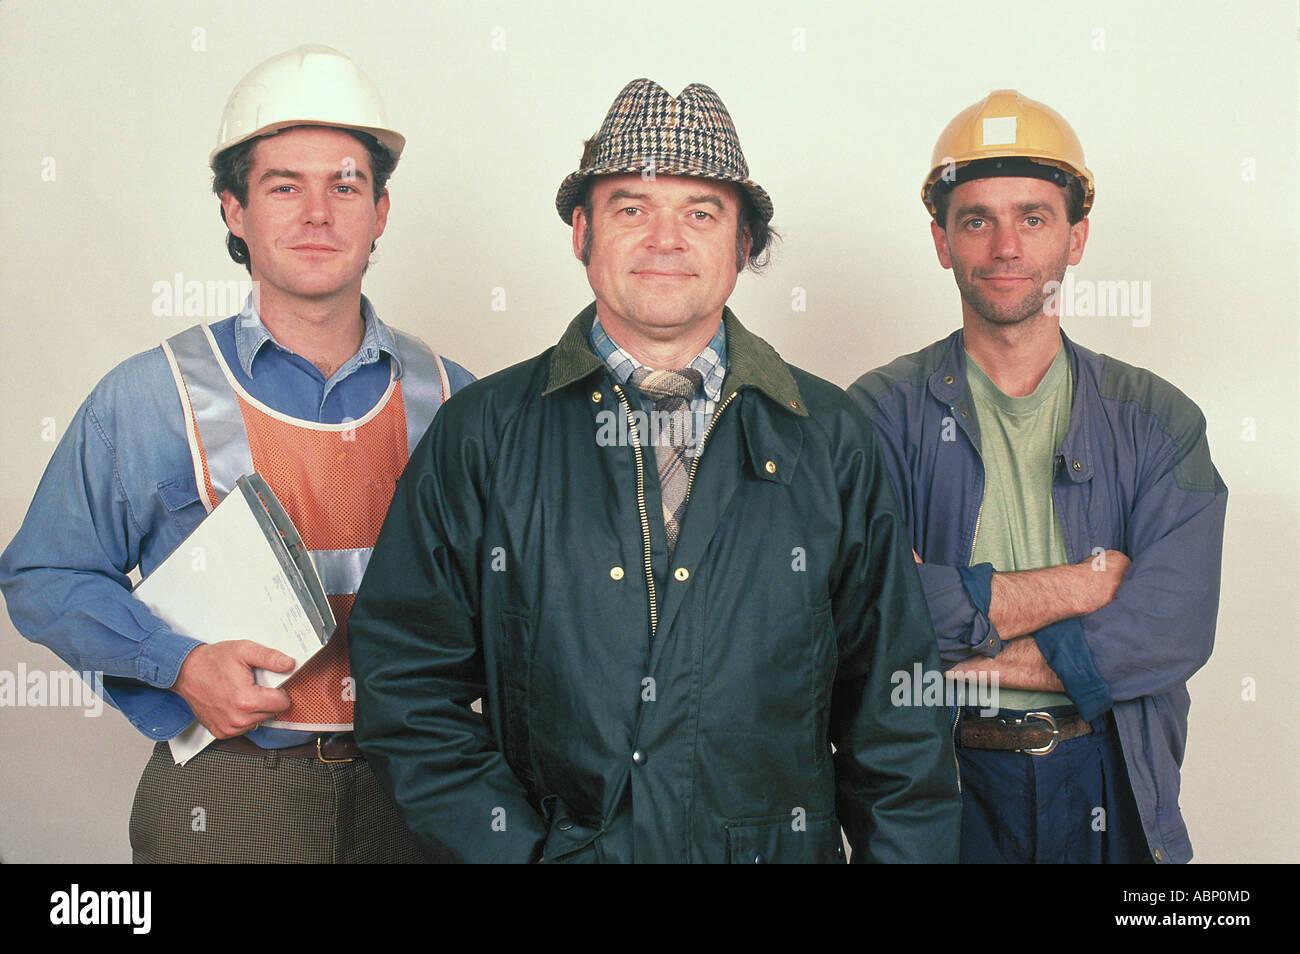 Gruppo di 3 commercianti Inghilterra Immagini Stock